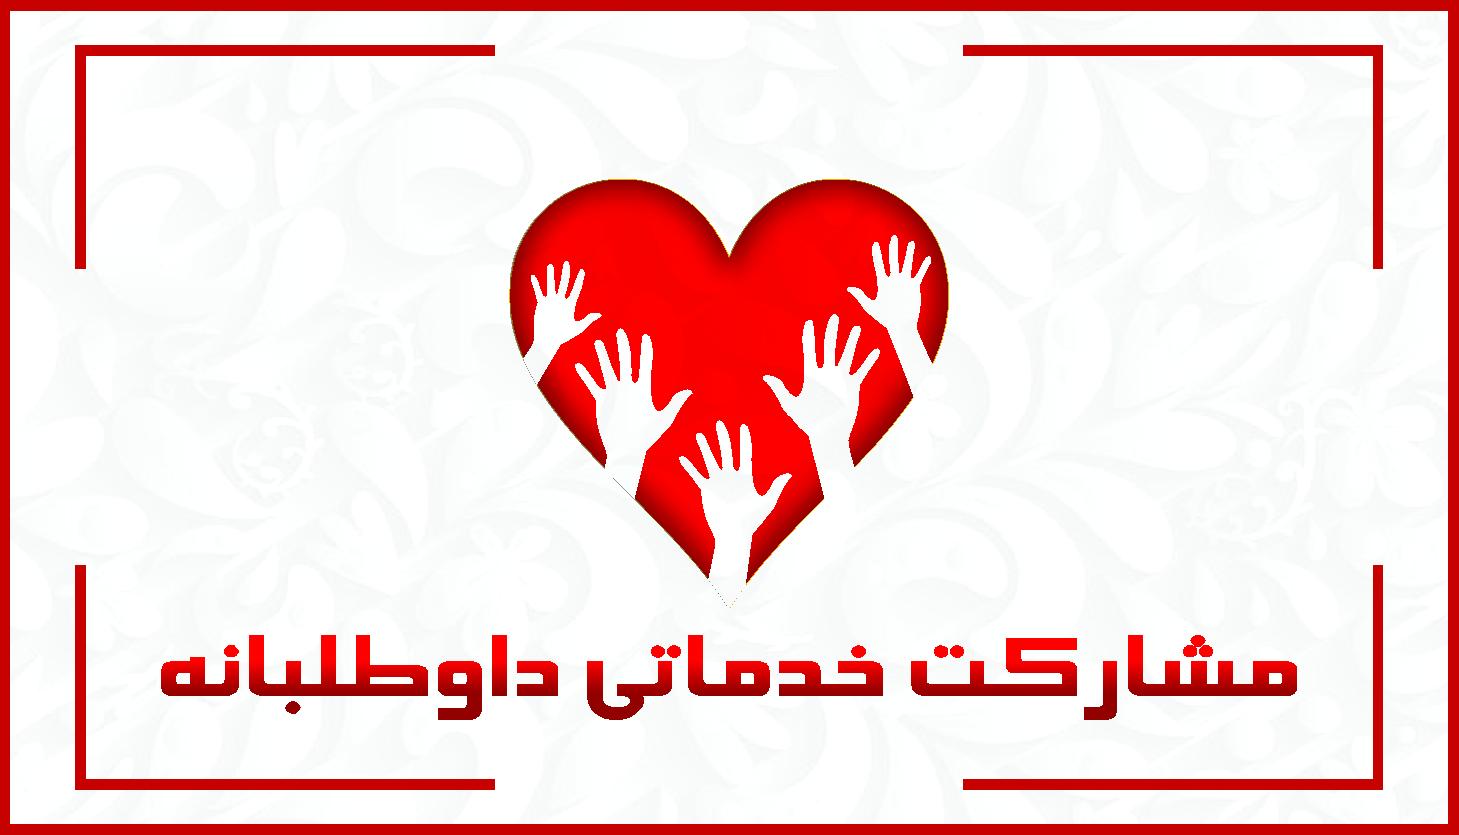 مشارکت خدمات داوطلبانه